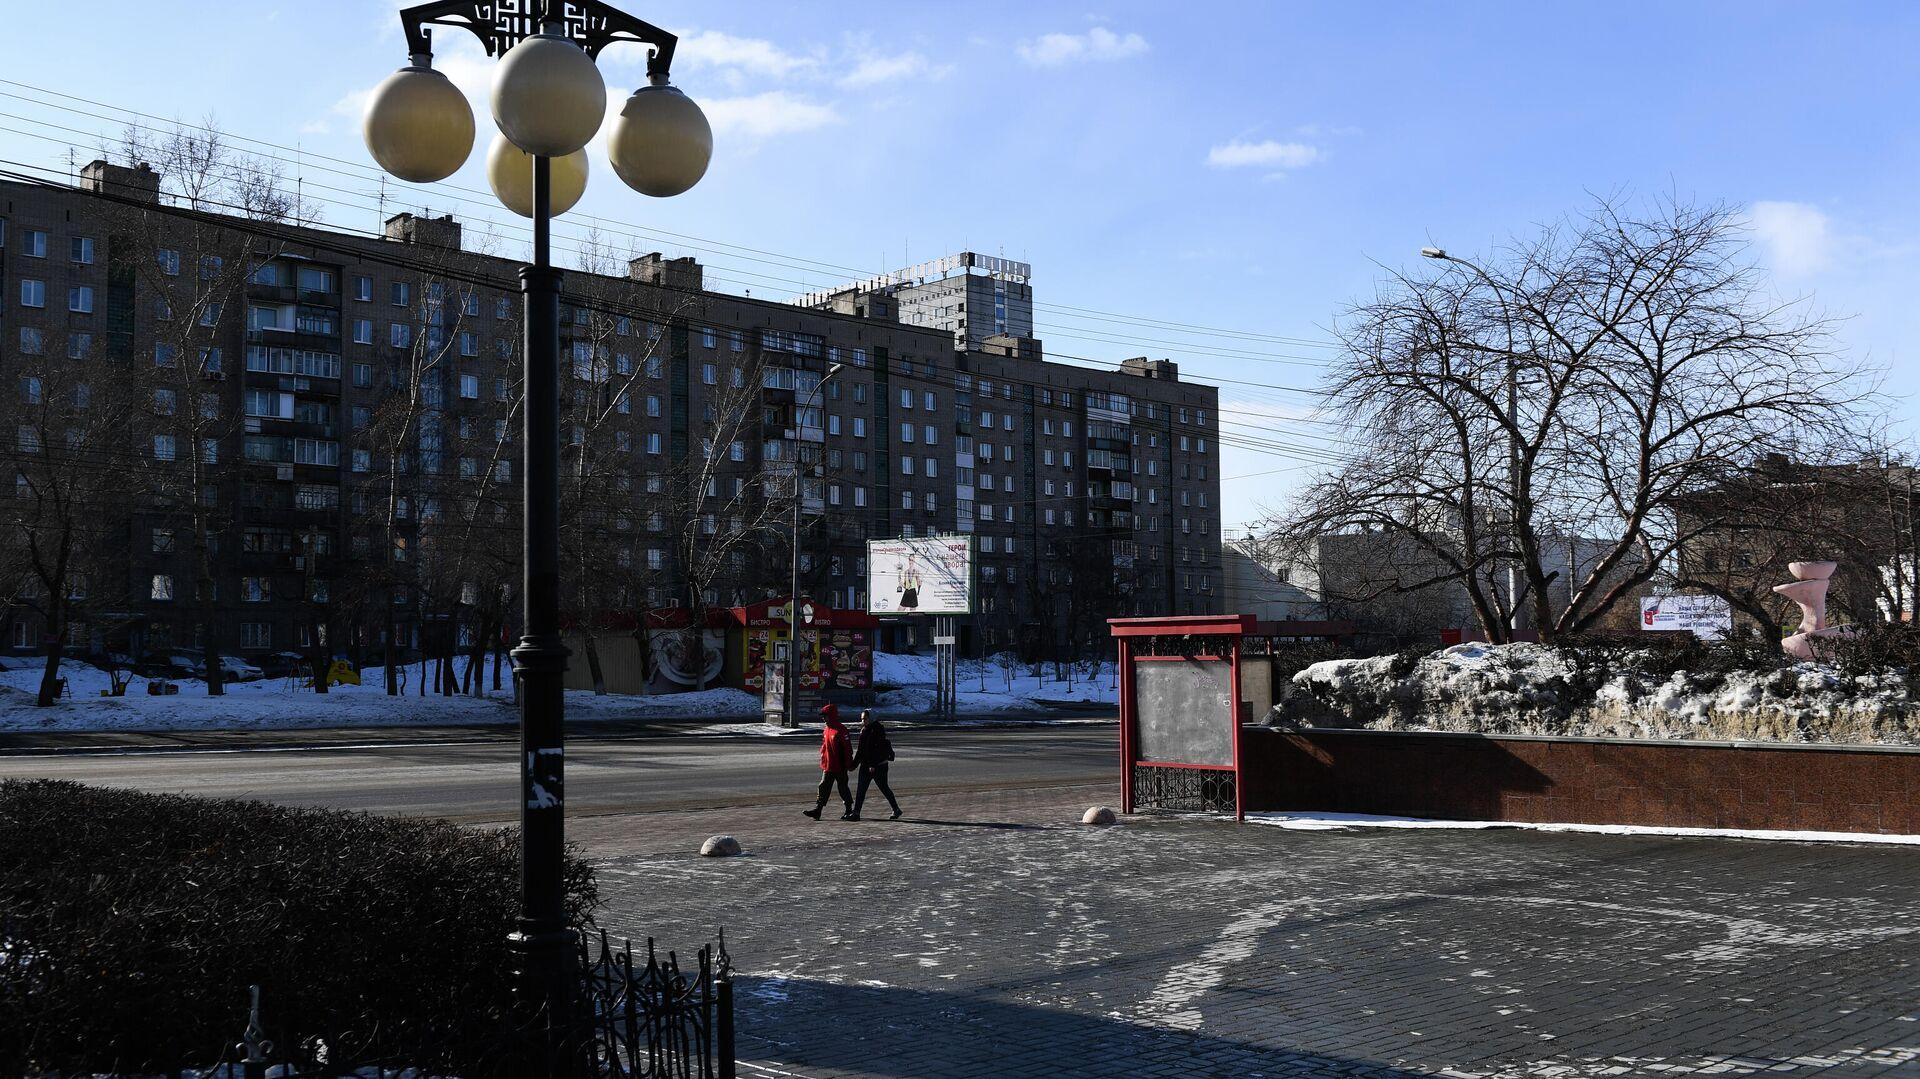 Прохожие на улице в Новосибирске - РИА Новости, 1920, 25.01.2021